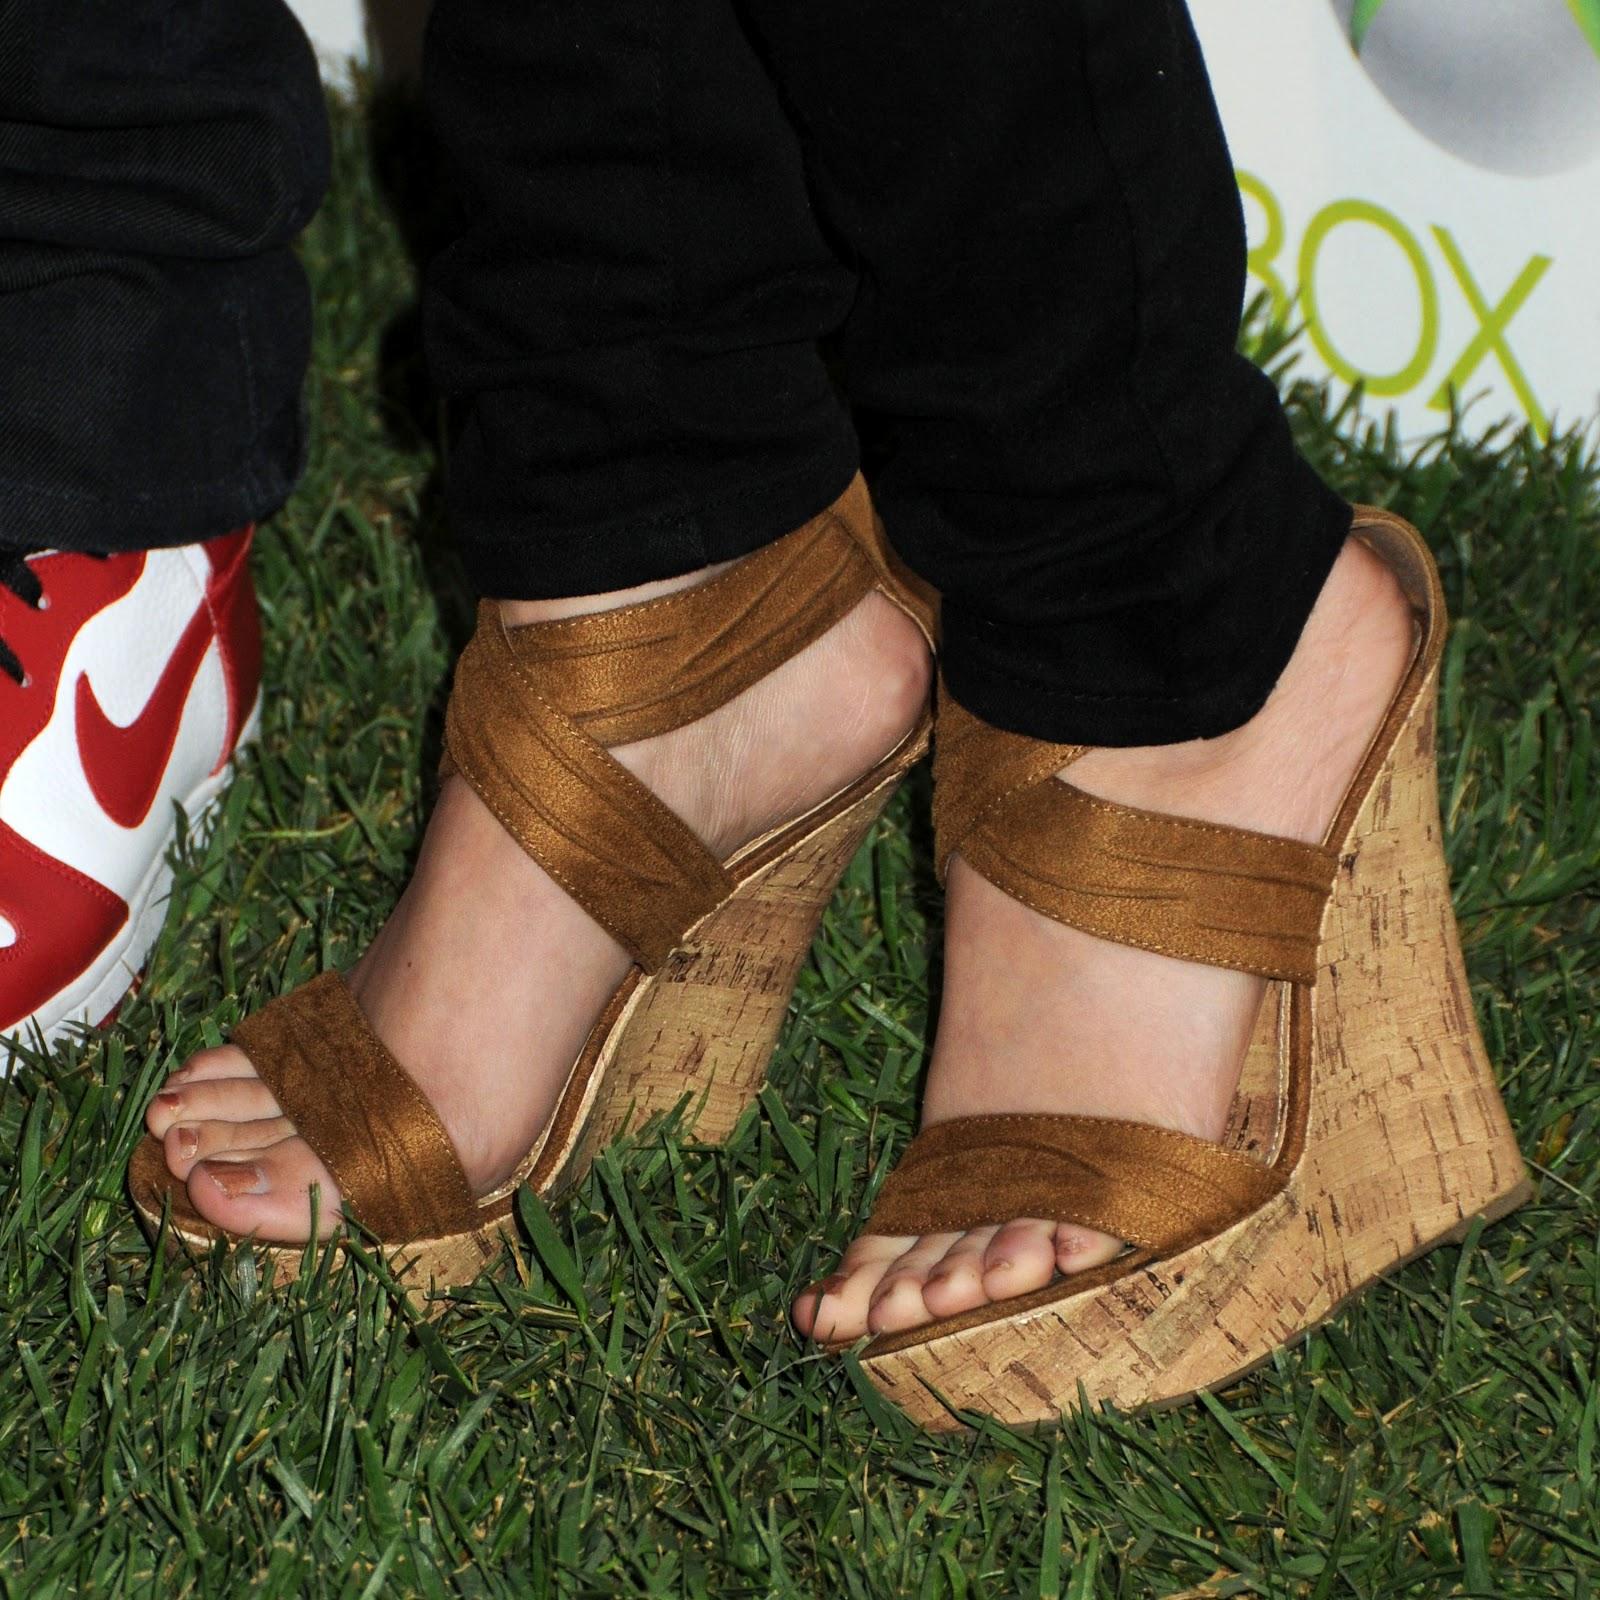 http://4.bp.blogspot.com/-nGgf8BmZ2qU/UGNidqphOII/AAAAAAAAA6c/tF2WRWJGZLg/s1600/sarah-hyland-shoes-leg-wallpaper.jpg